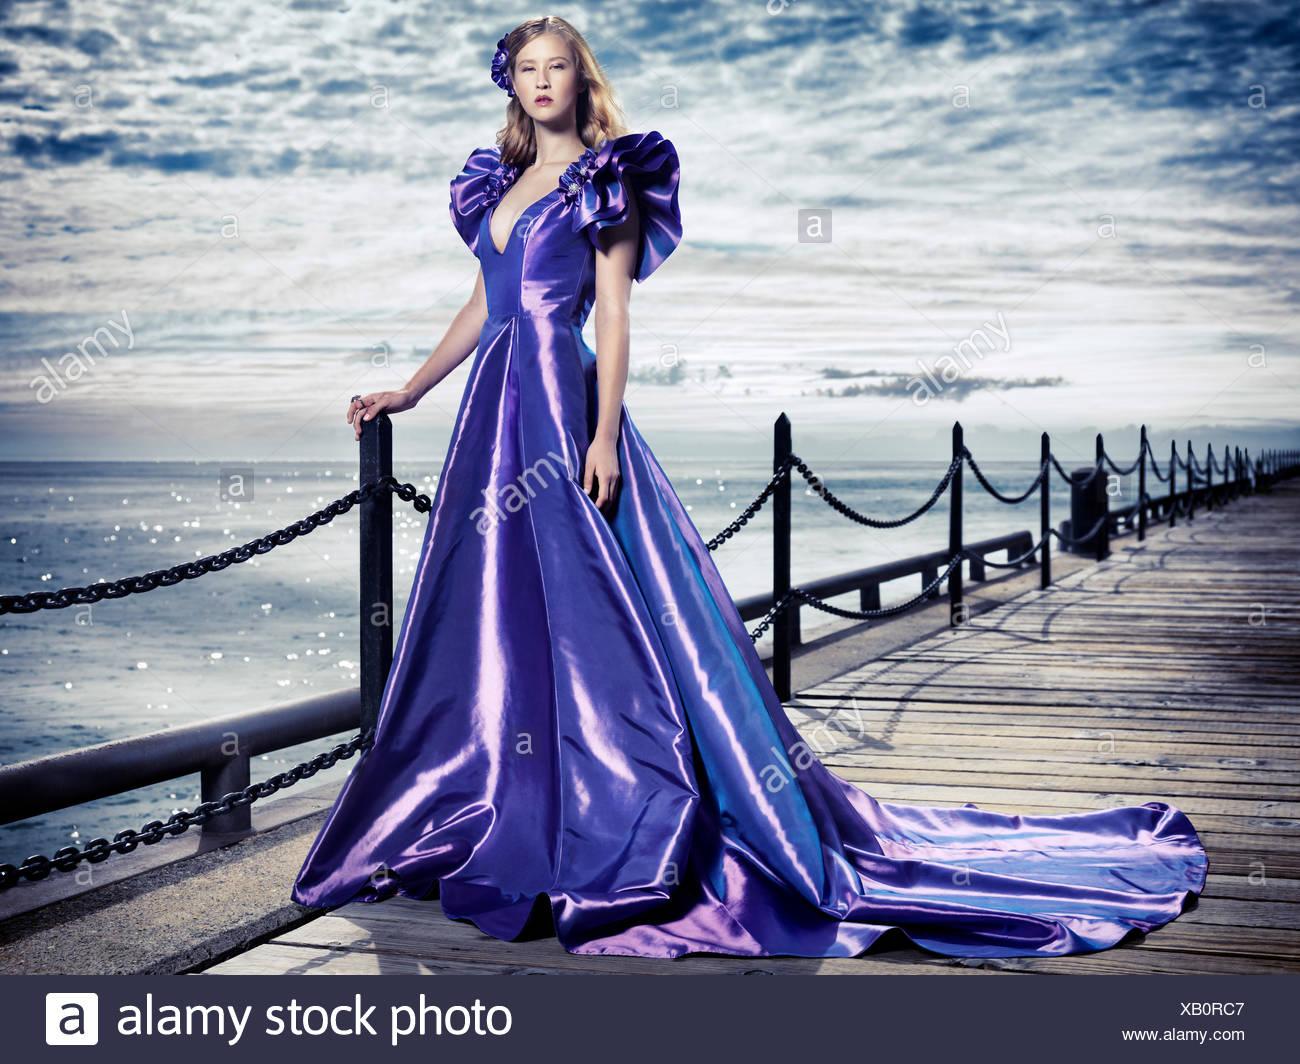 Mujer joven llevando un vestido de noche, en la costanera, retrato de moda Imagen De Stock